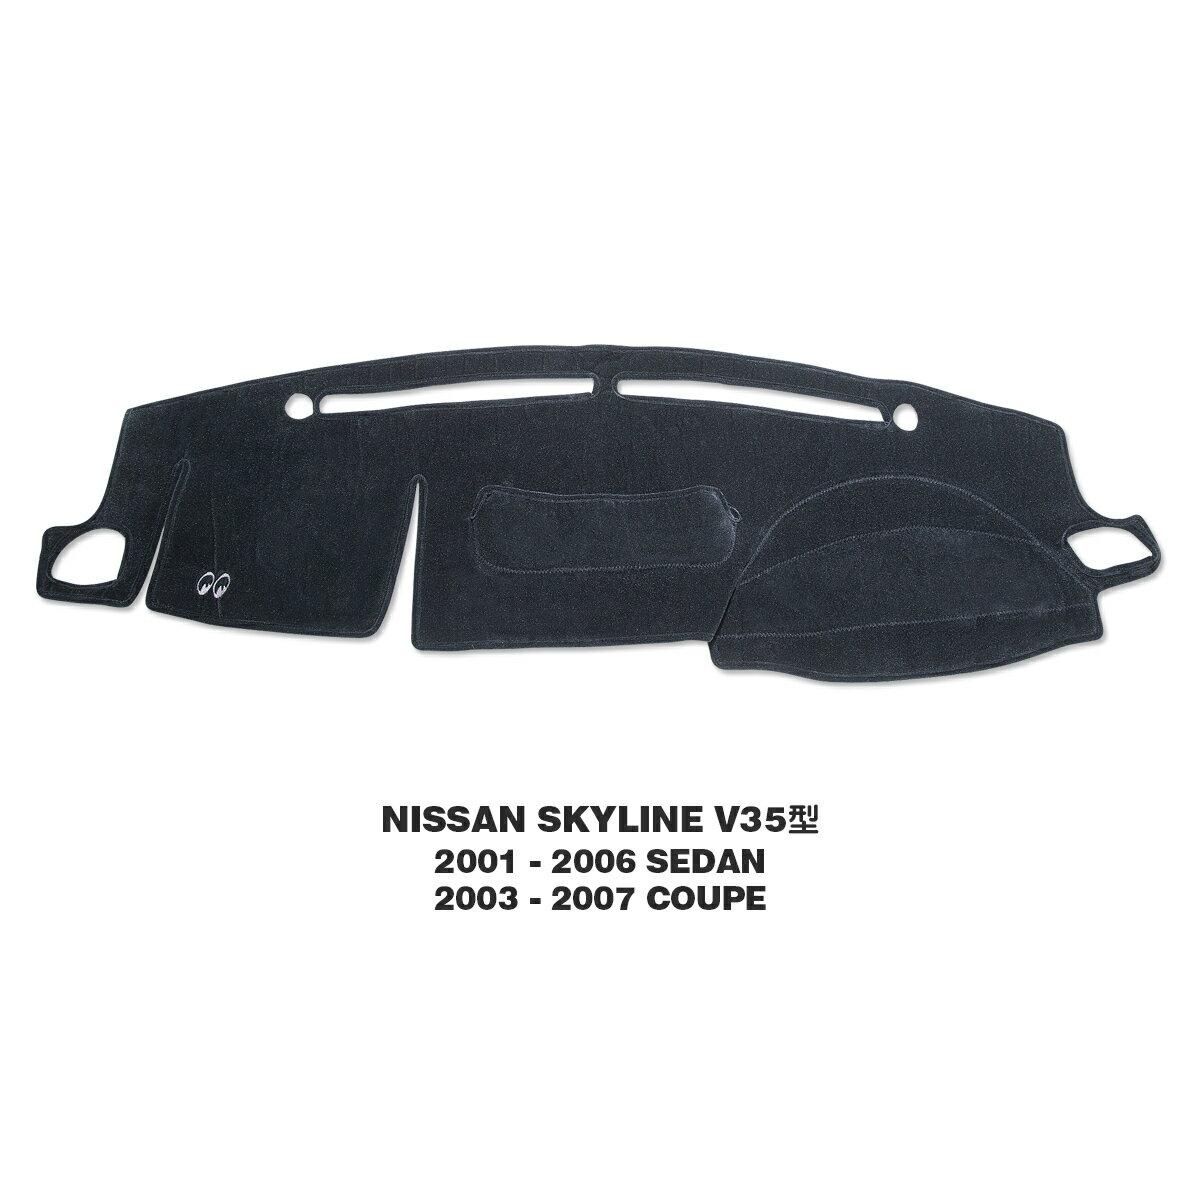 アクセサリー, ダッシュボードマット NISSAN SKYLINE V35 ( ) 2001-2006 2003-2007 DASH MAT()